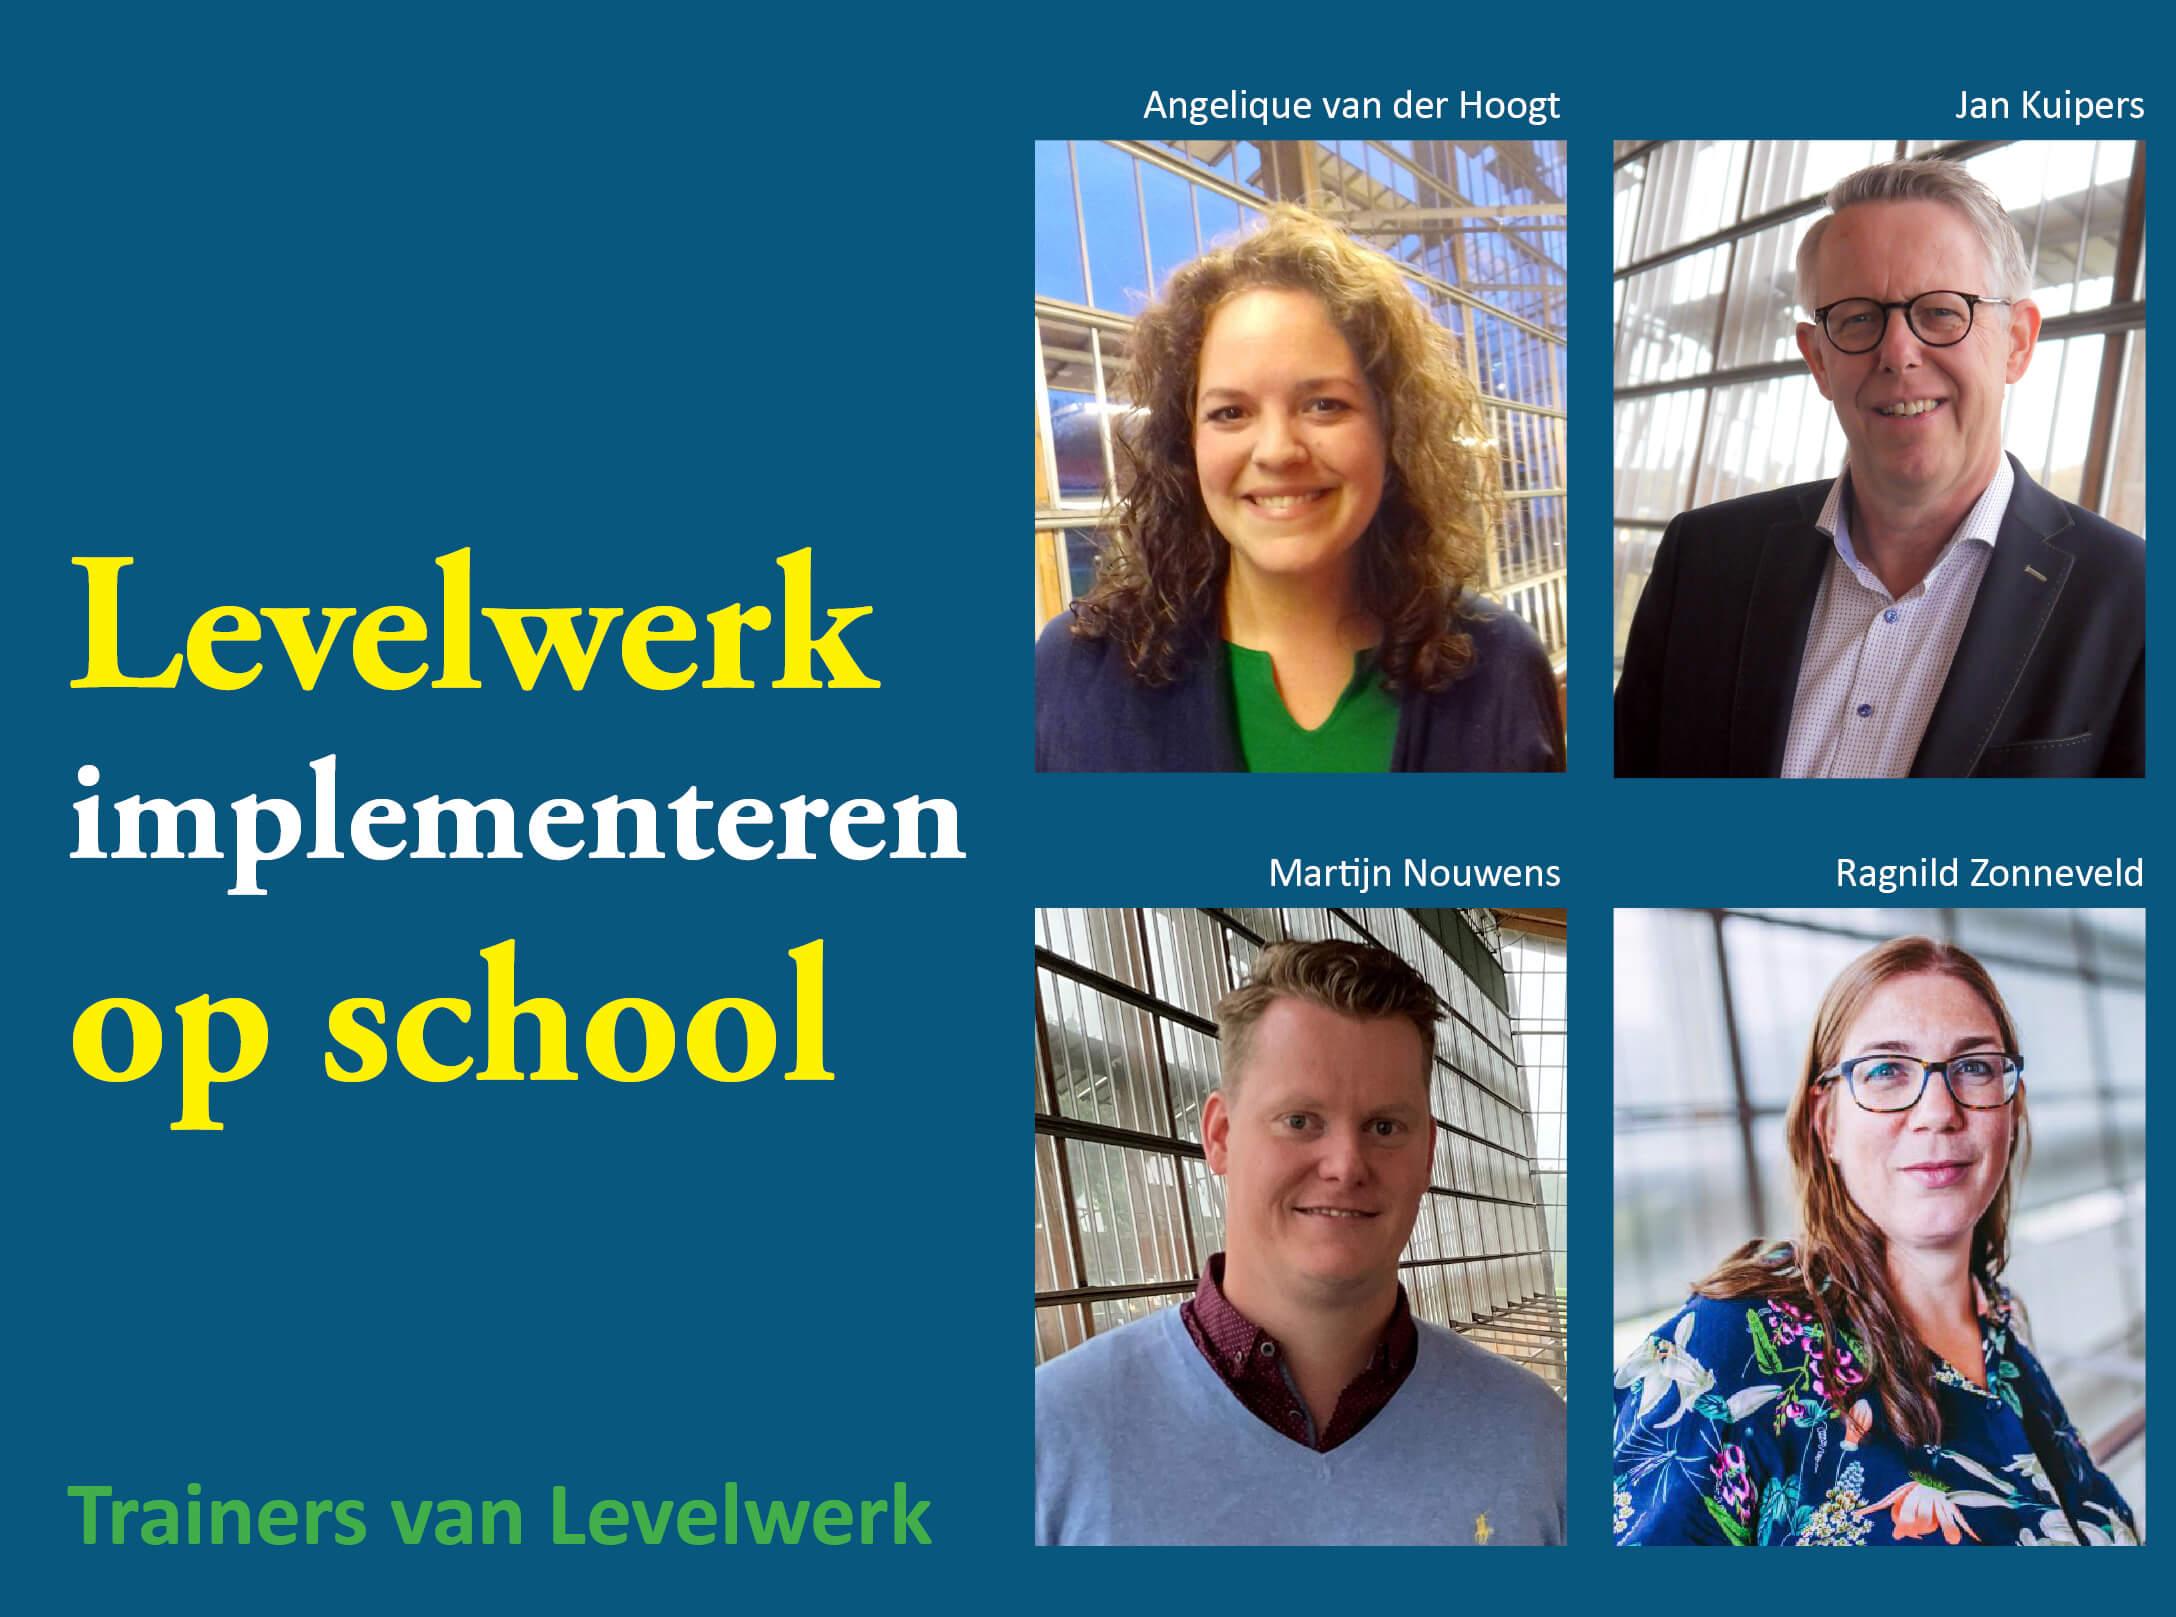 levelwerk-trainers-jan-kuipers-hoogbegaafdheid-eduforce